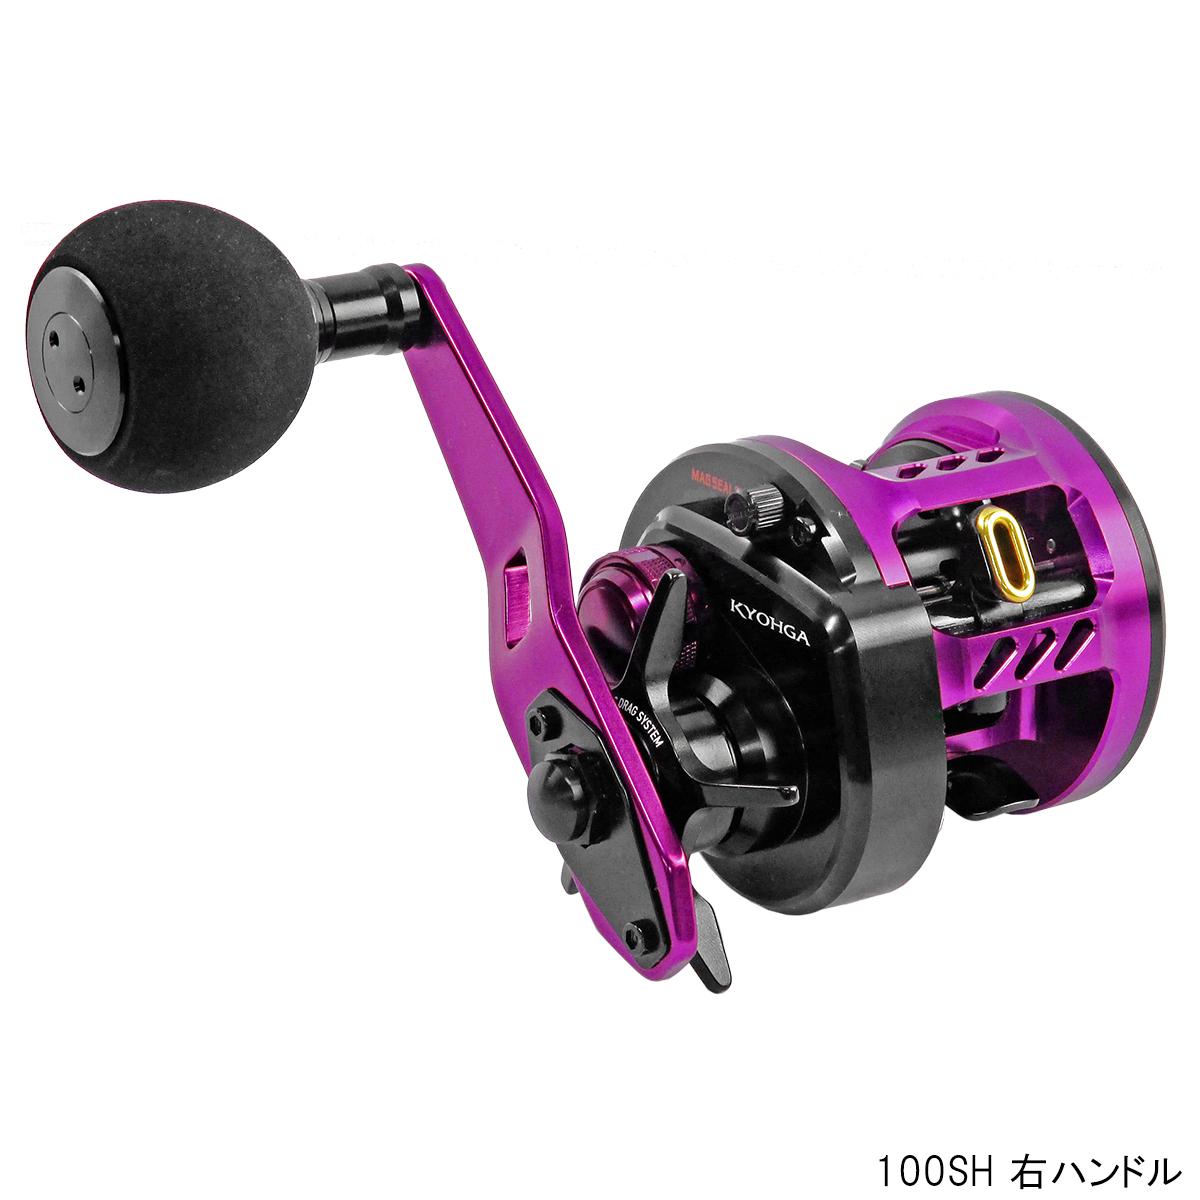 ダイワ 鏡牙 100SH 右ハンドル(東日本店)